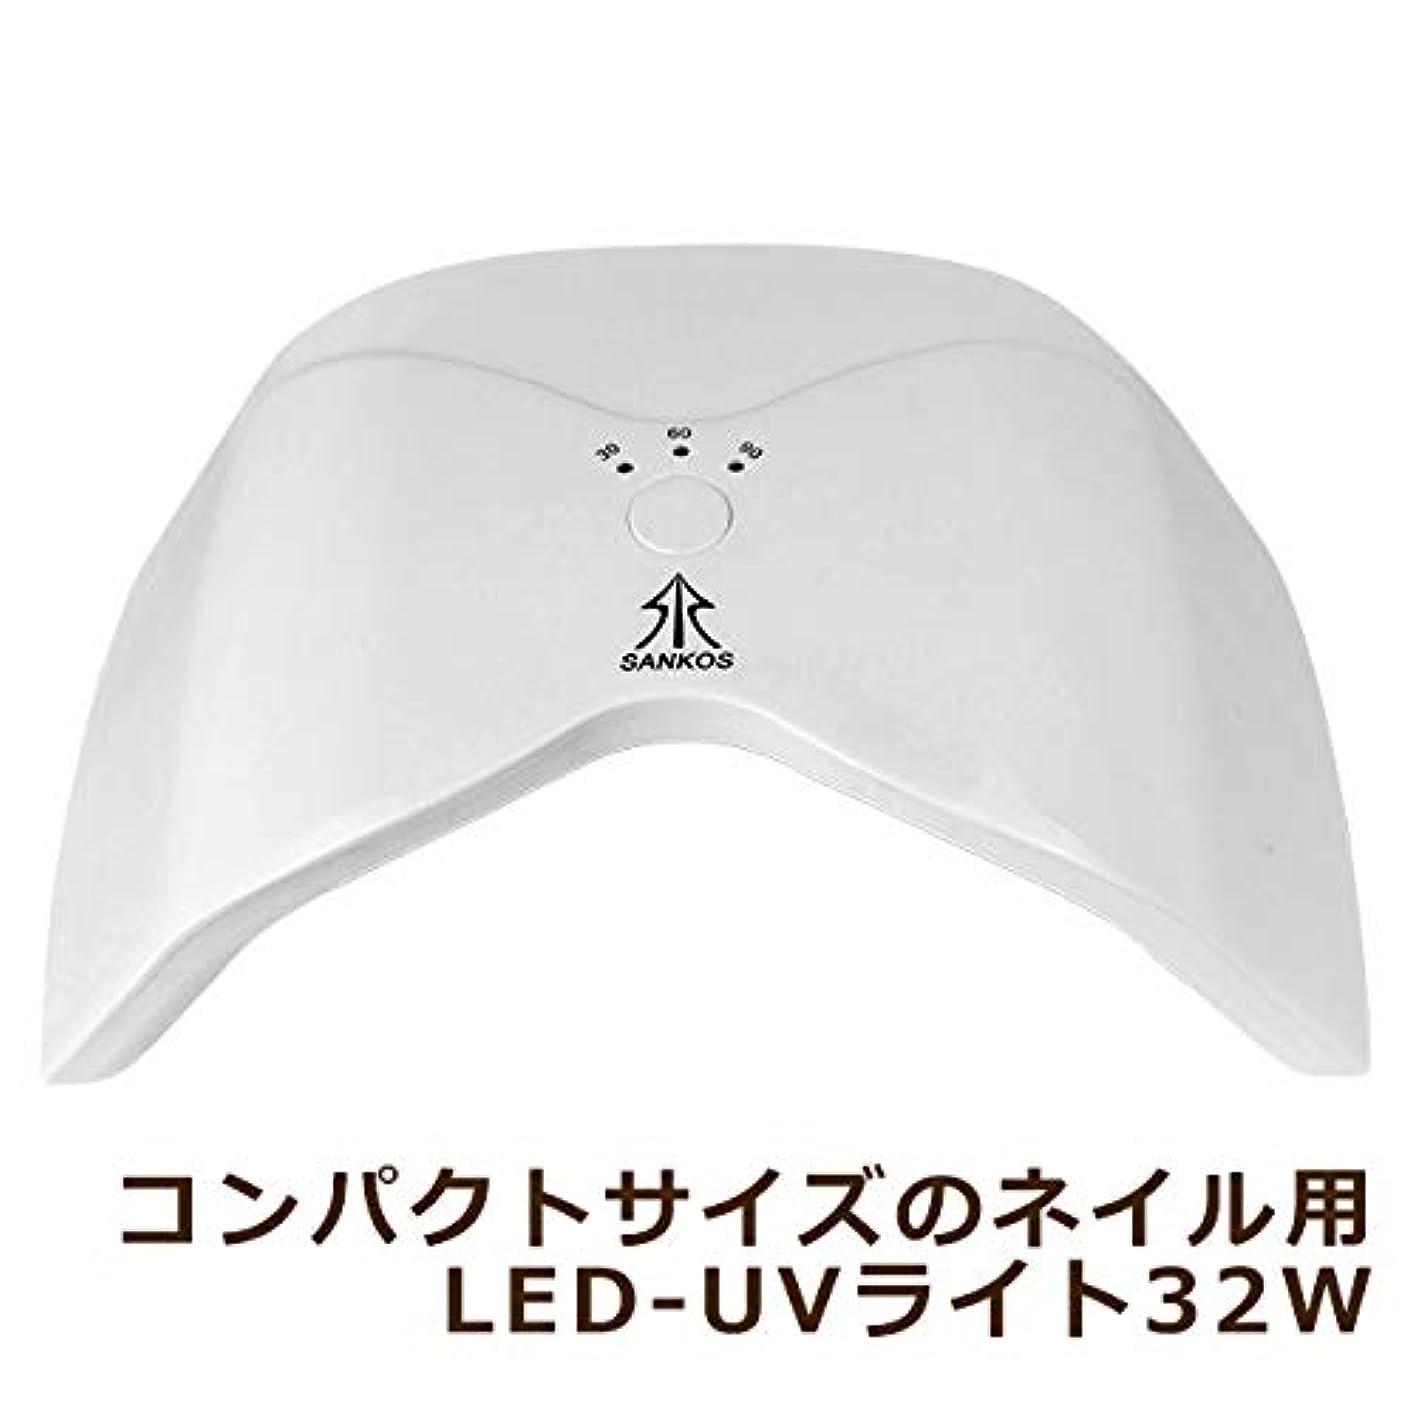 主人ダーツミス【新入荷】コンパクトサイズ ネイル用 LED-UVライト 32W (LED&UV両方対応)30秒?60秒?90秒タイマー付 (ホワイト)